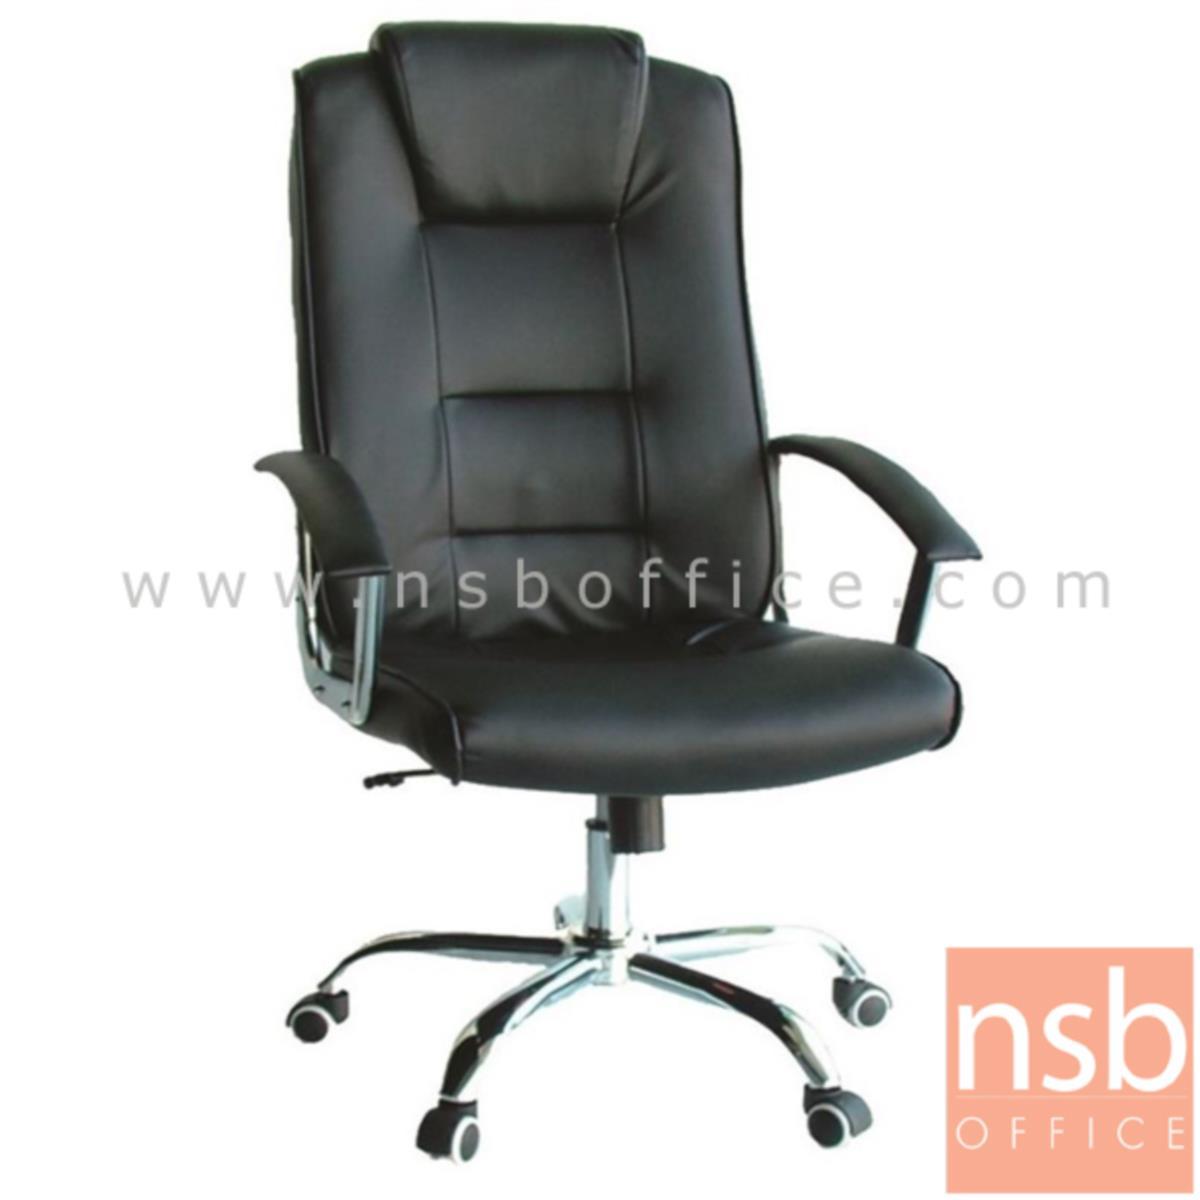 B01A419:เก้าอี้ผู้บริหาร  รุ่น Minton (มินตัน)  โช๊คแก๊ส มีก้อนโยก ขาเหล็กชุบโครเมี่ยม